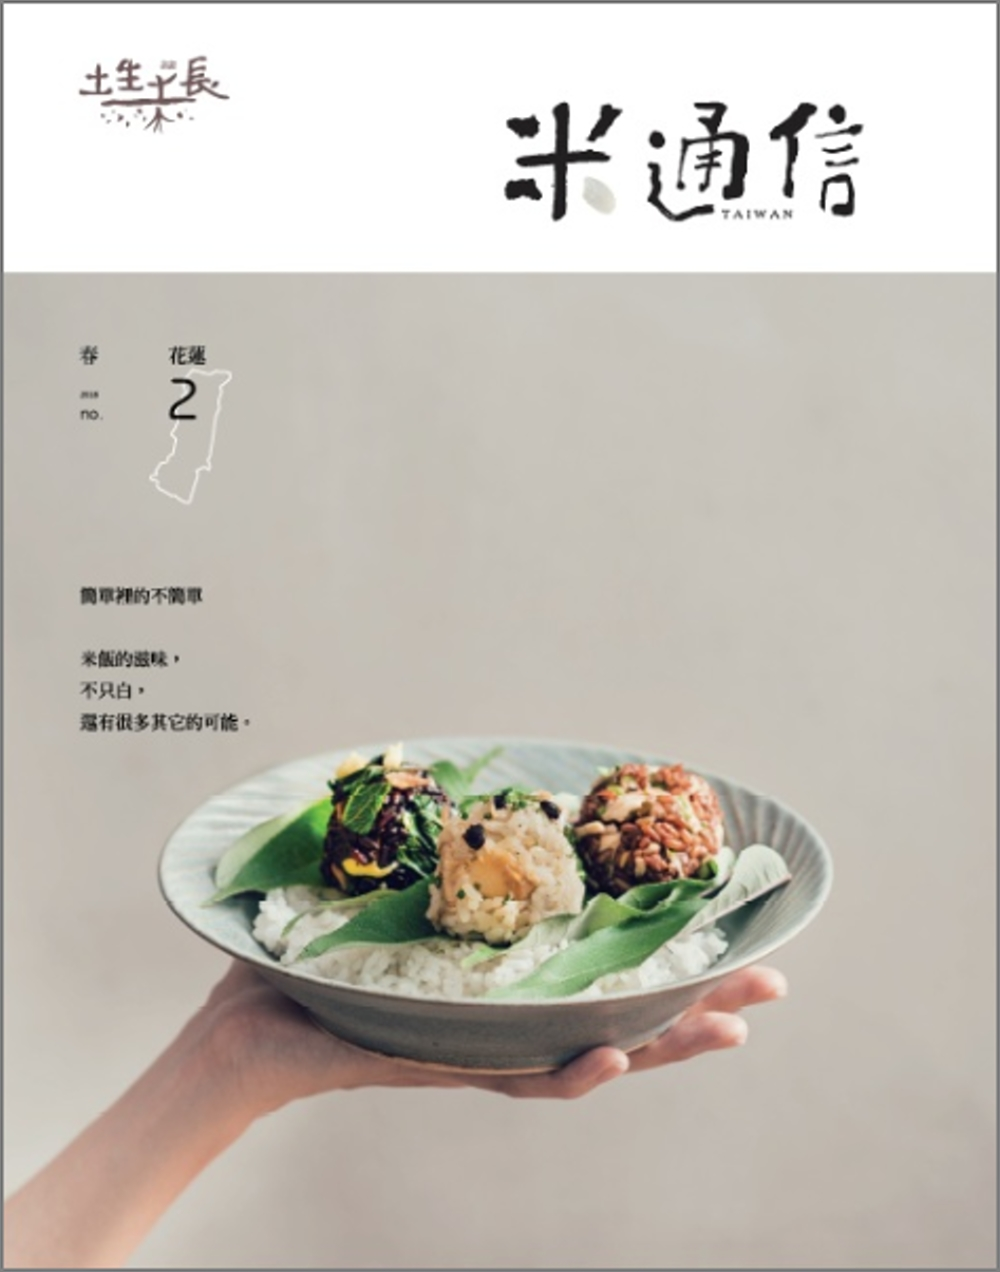 米通信 2018第2期 花蓮+海稻米 台稉2號(250g)